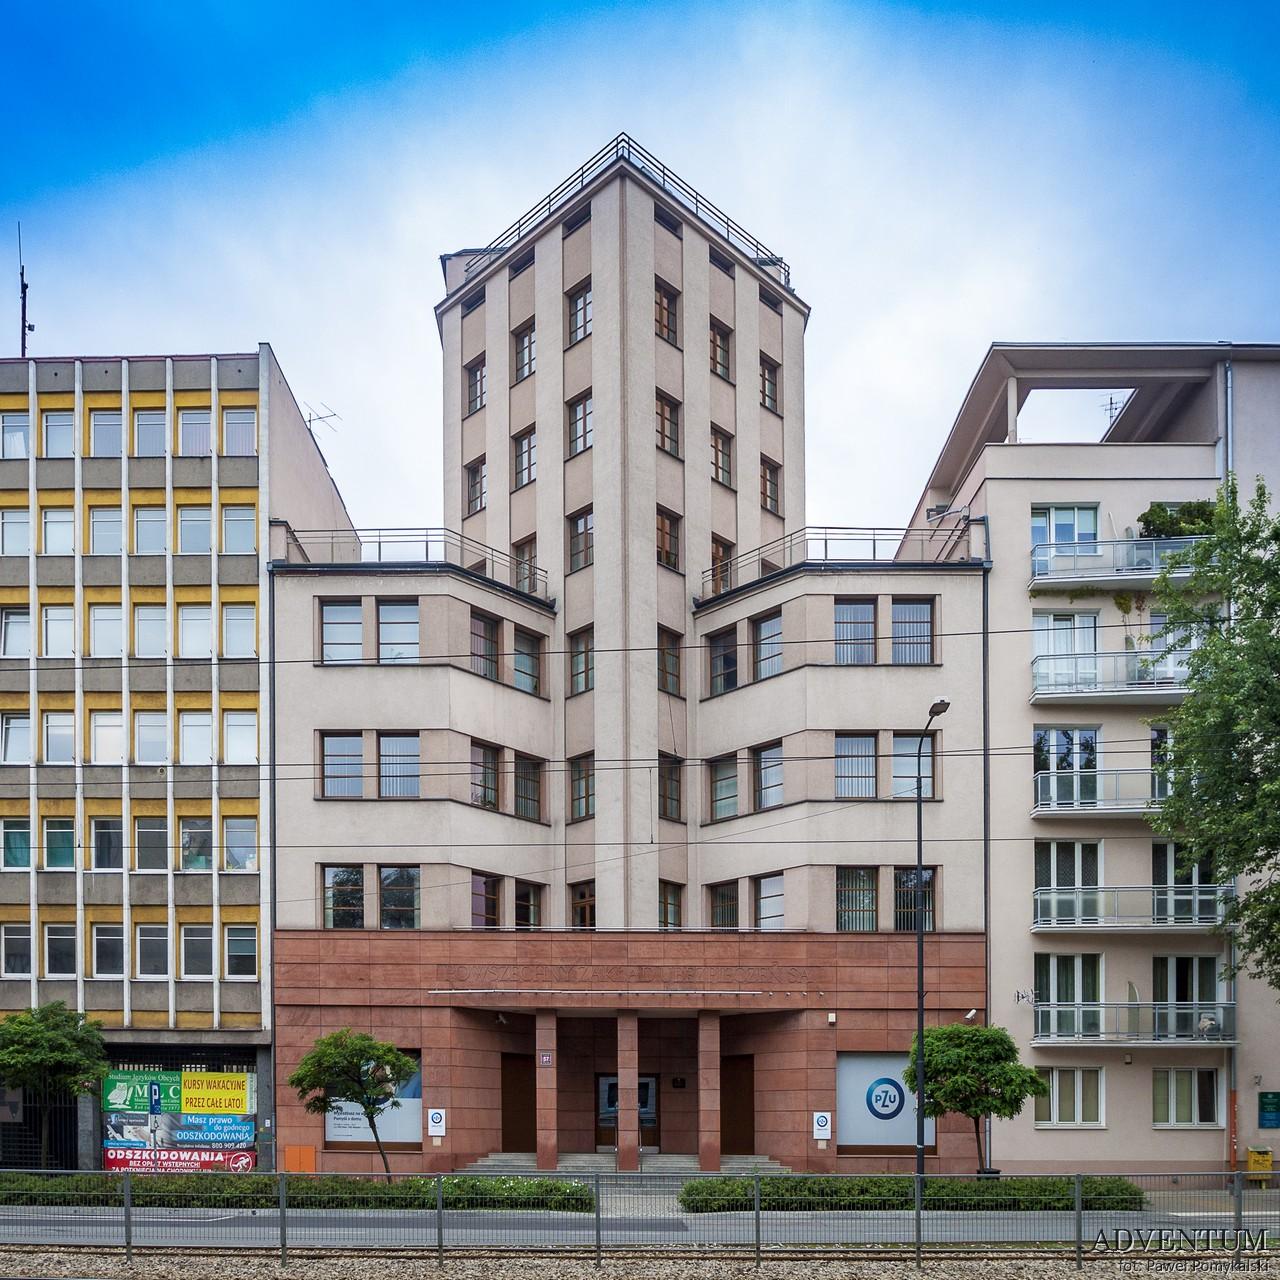 Łódź Łódzkie Piotrkowska Atrakcje Zabytki Manufaktura Lofty Księży Młyn